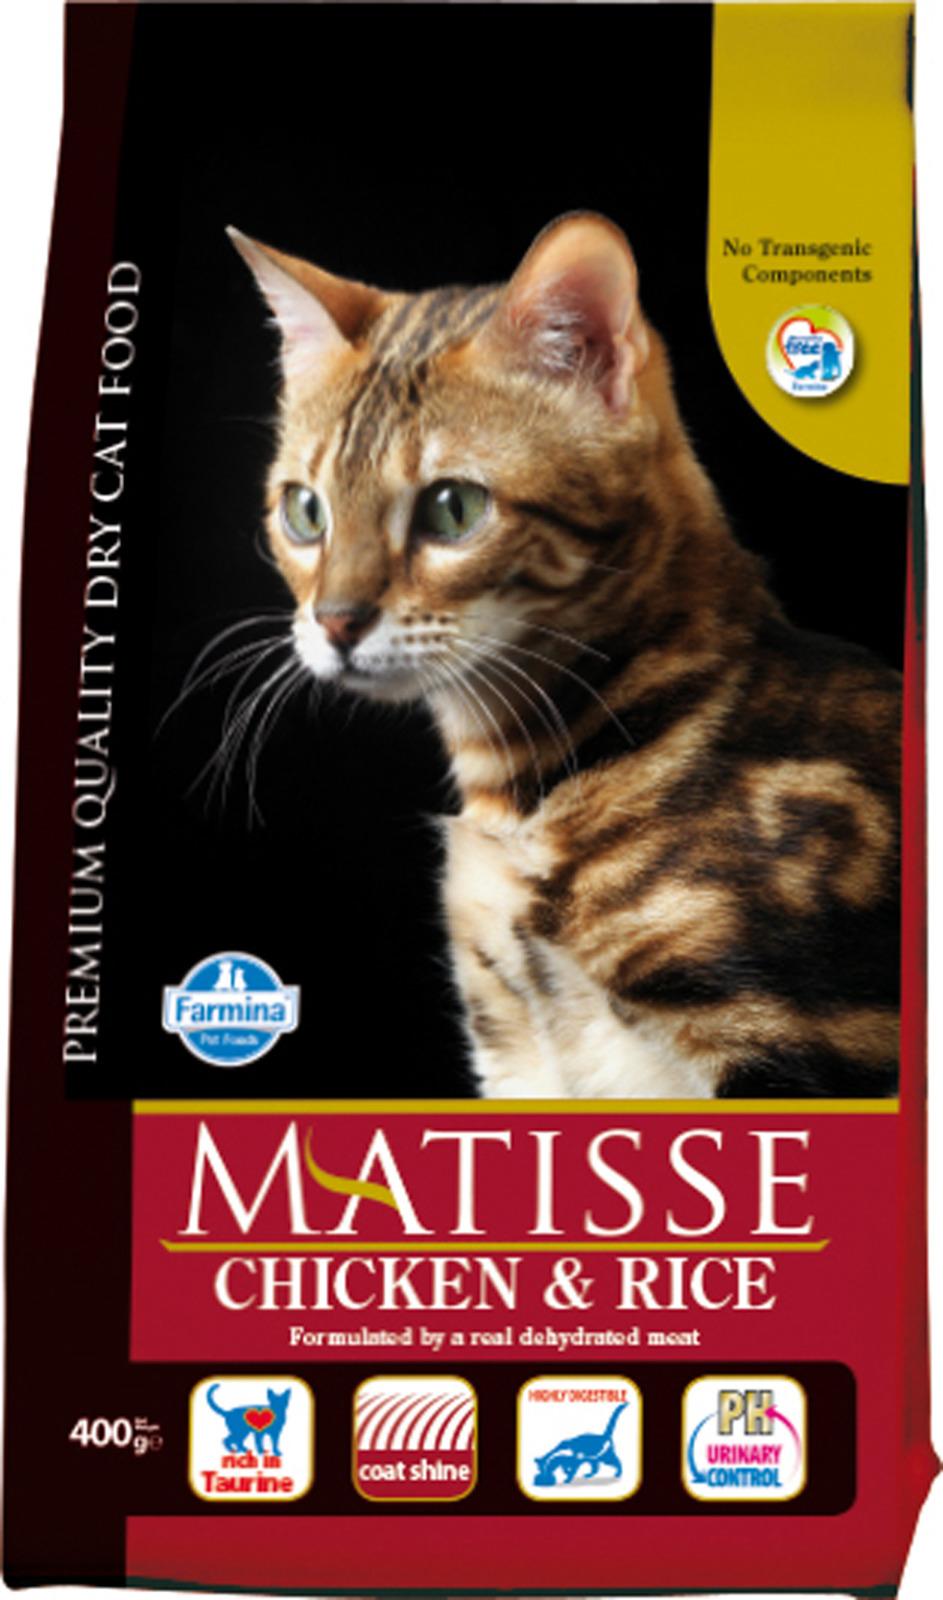 MATISSE ( 400г) д/к Курица Рис (chicken rice) (уп24) Kormberi.ru магазин товаров для ваших животных